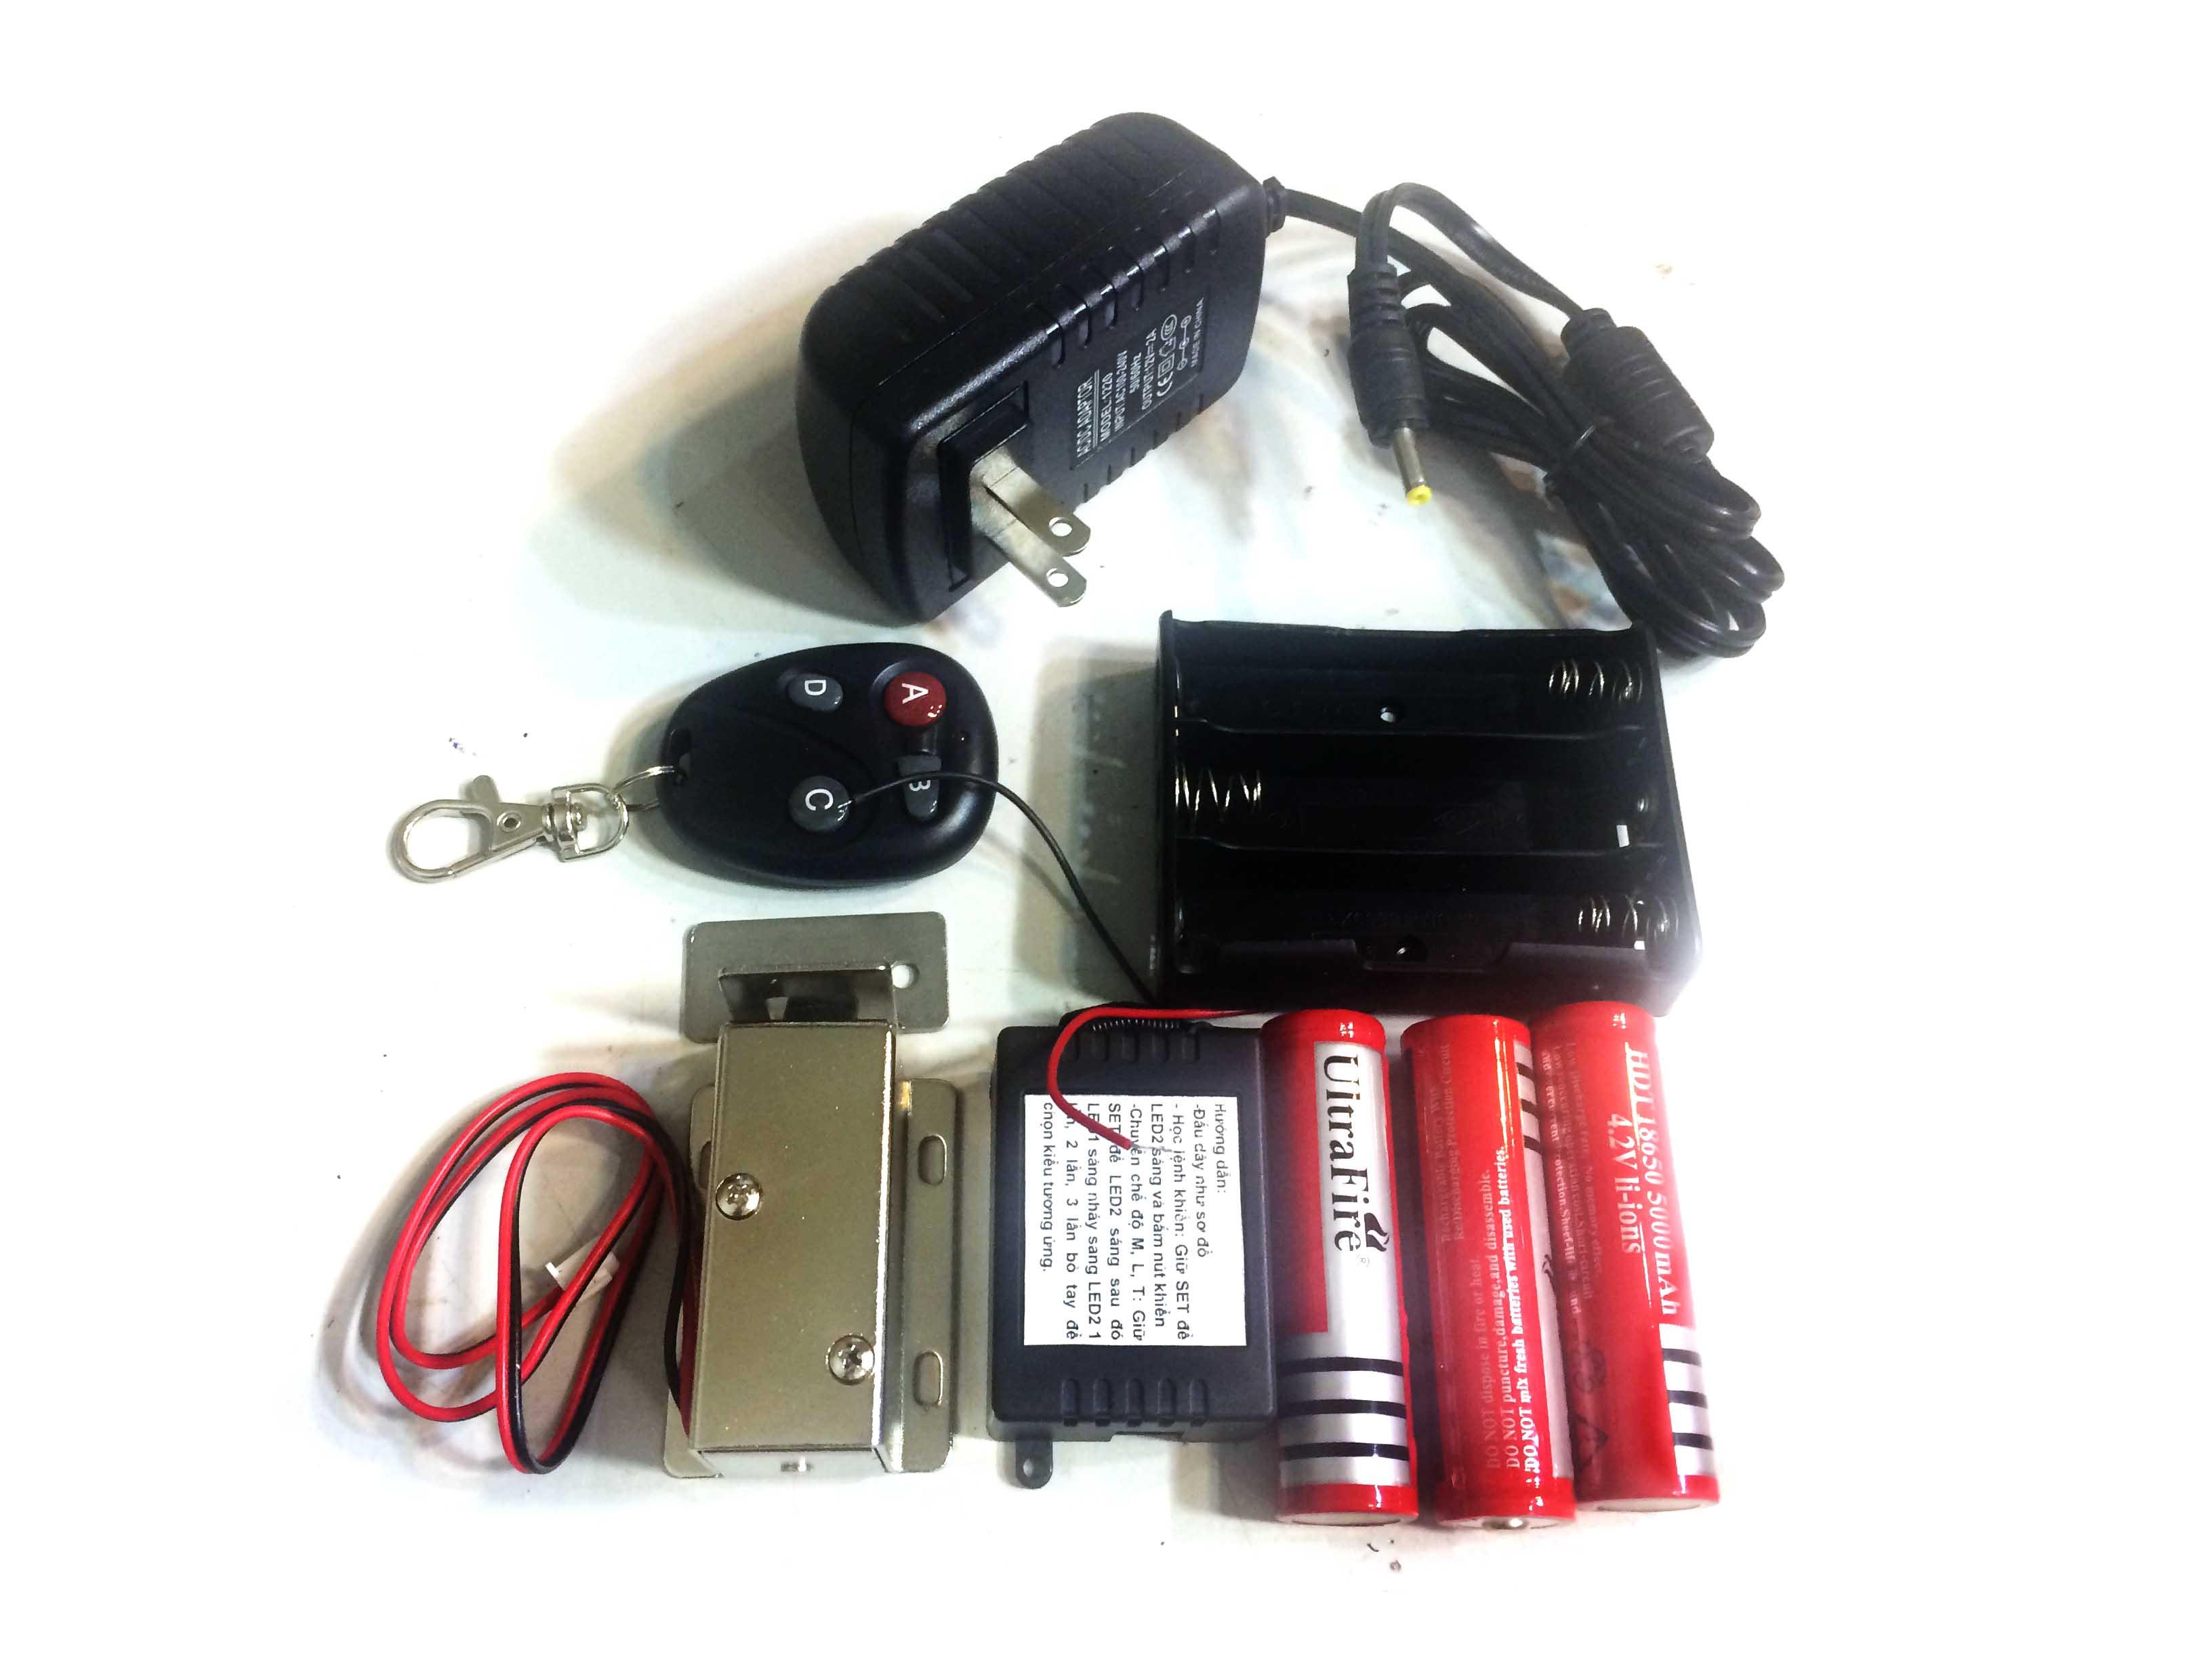 Bộ khóa điện khiển từ xa dùng pin sạc mạch sạc loại khóa